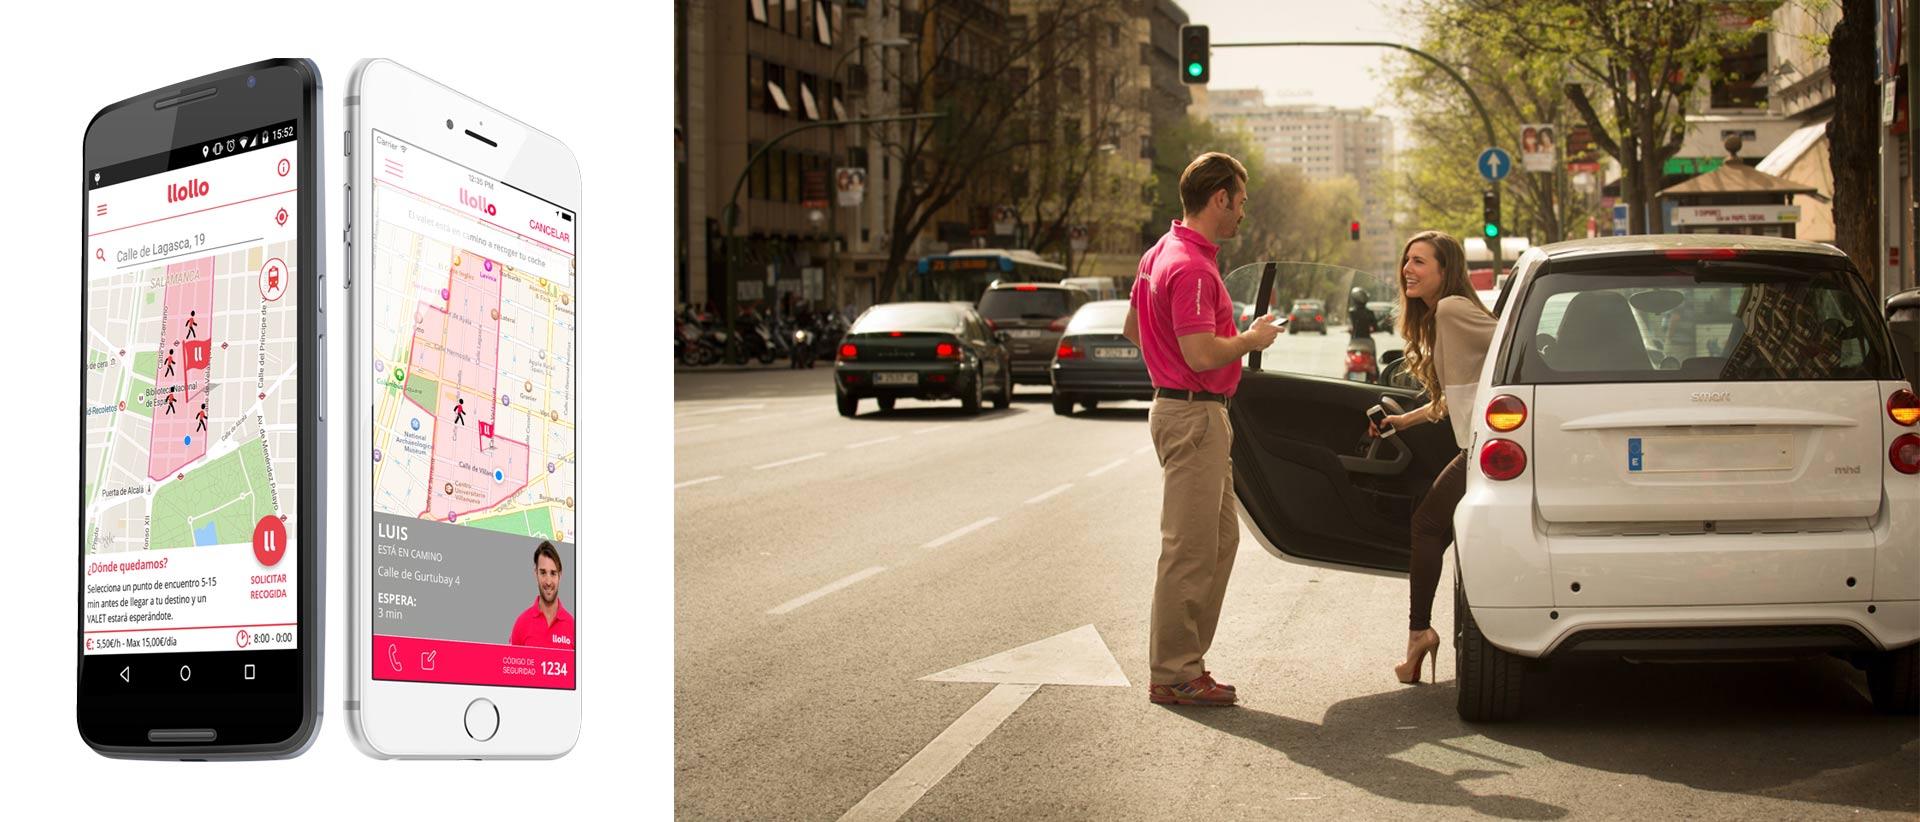 Una aplicación permite que dejes tu carro cuando te vas de viaje de forma segura y cómoda